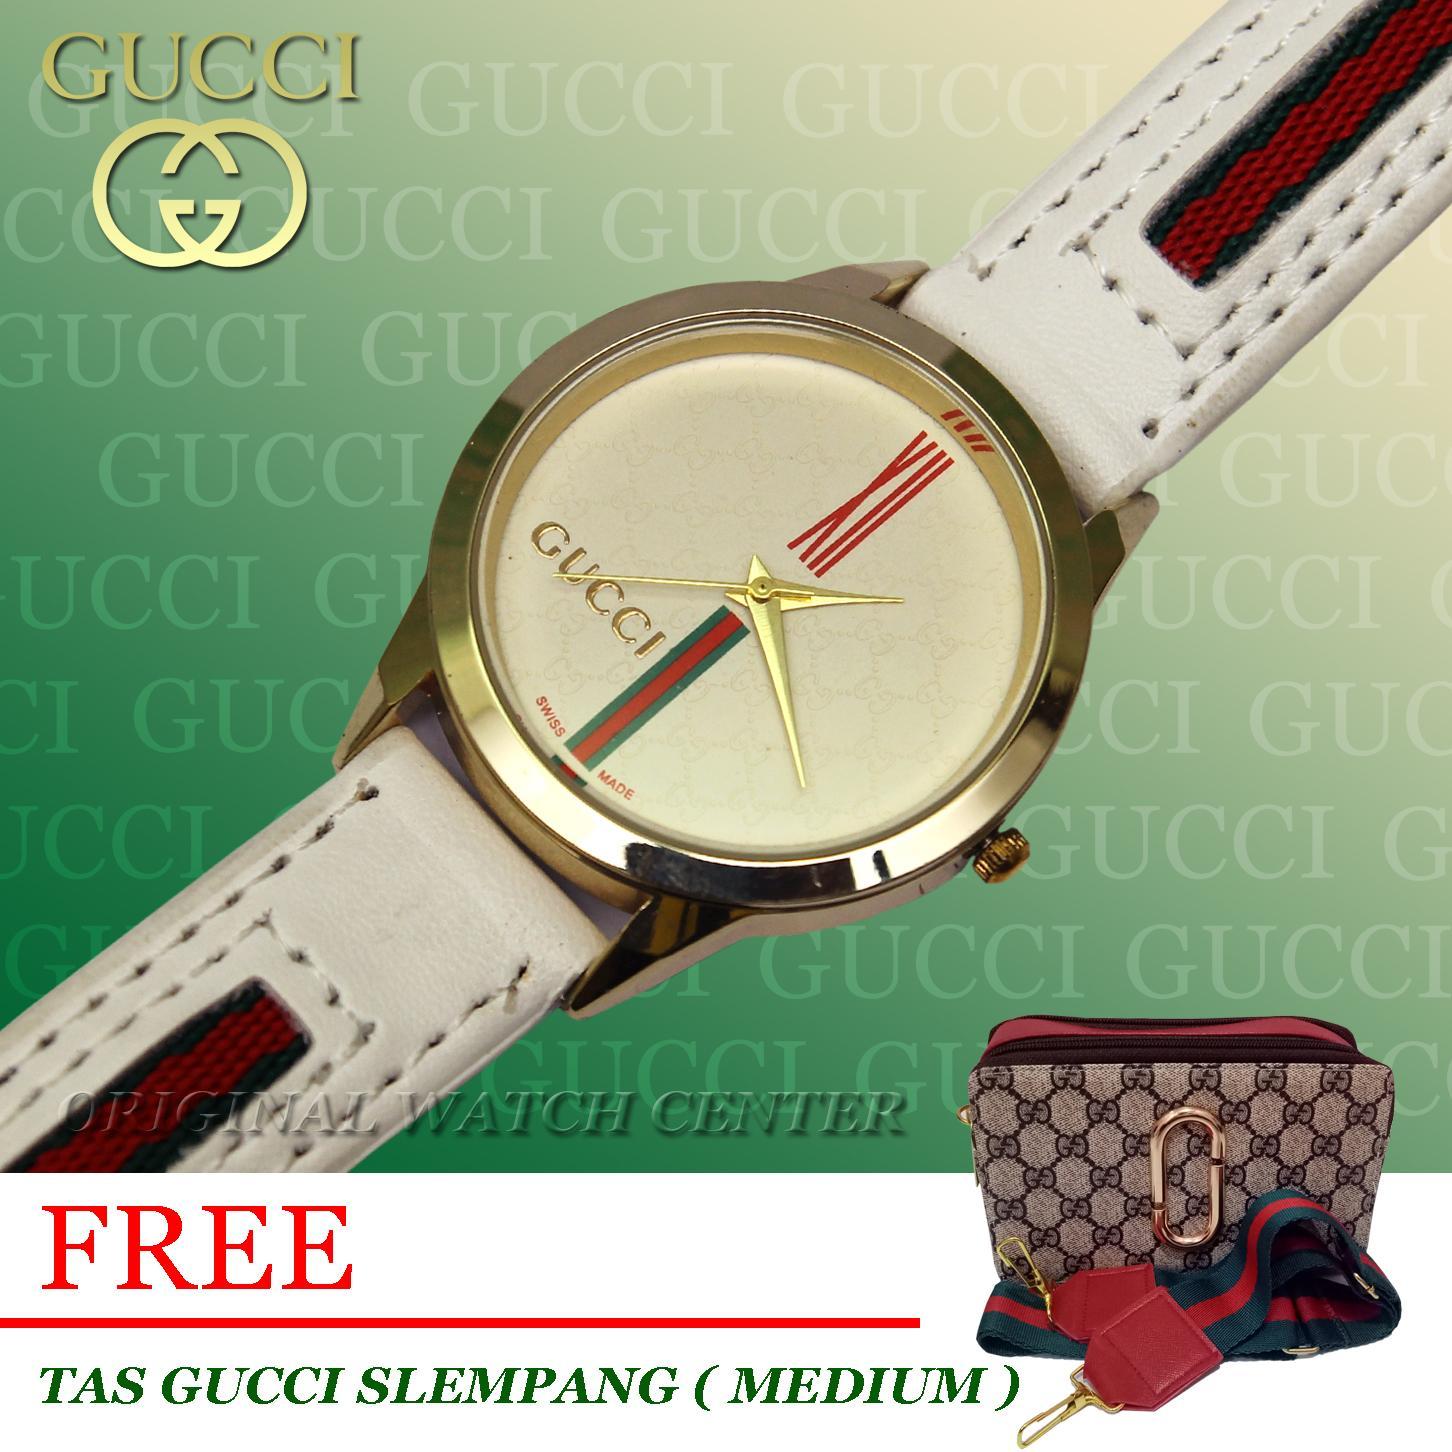 Jam Tangan_Gucci_Rose Gold_ Jam Tangan Wanita - Desain kasual Dan Fashionable - Tali Kulit [ PROMO ] Gratis Tas Slempang Gucci